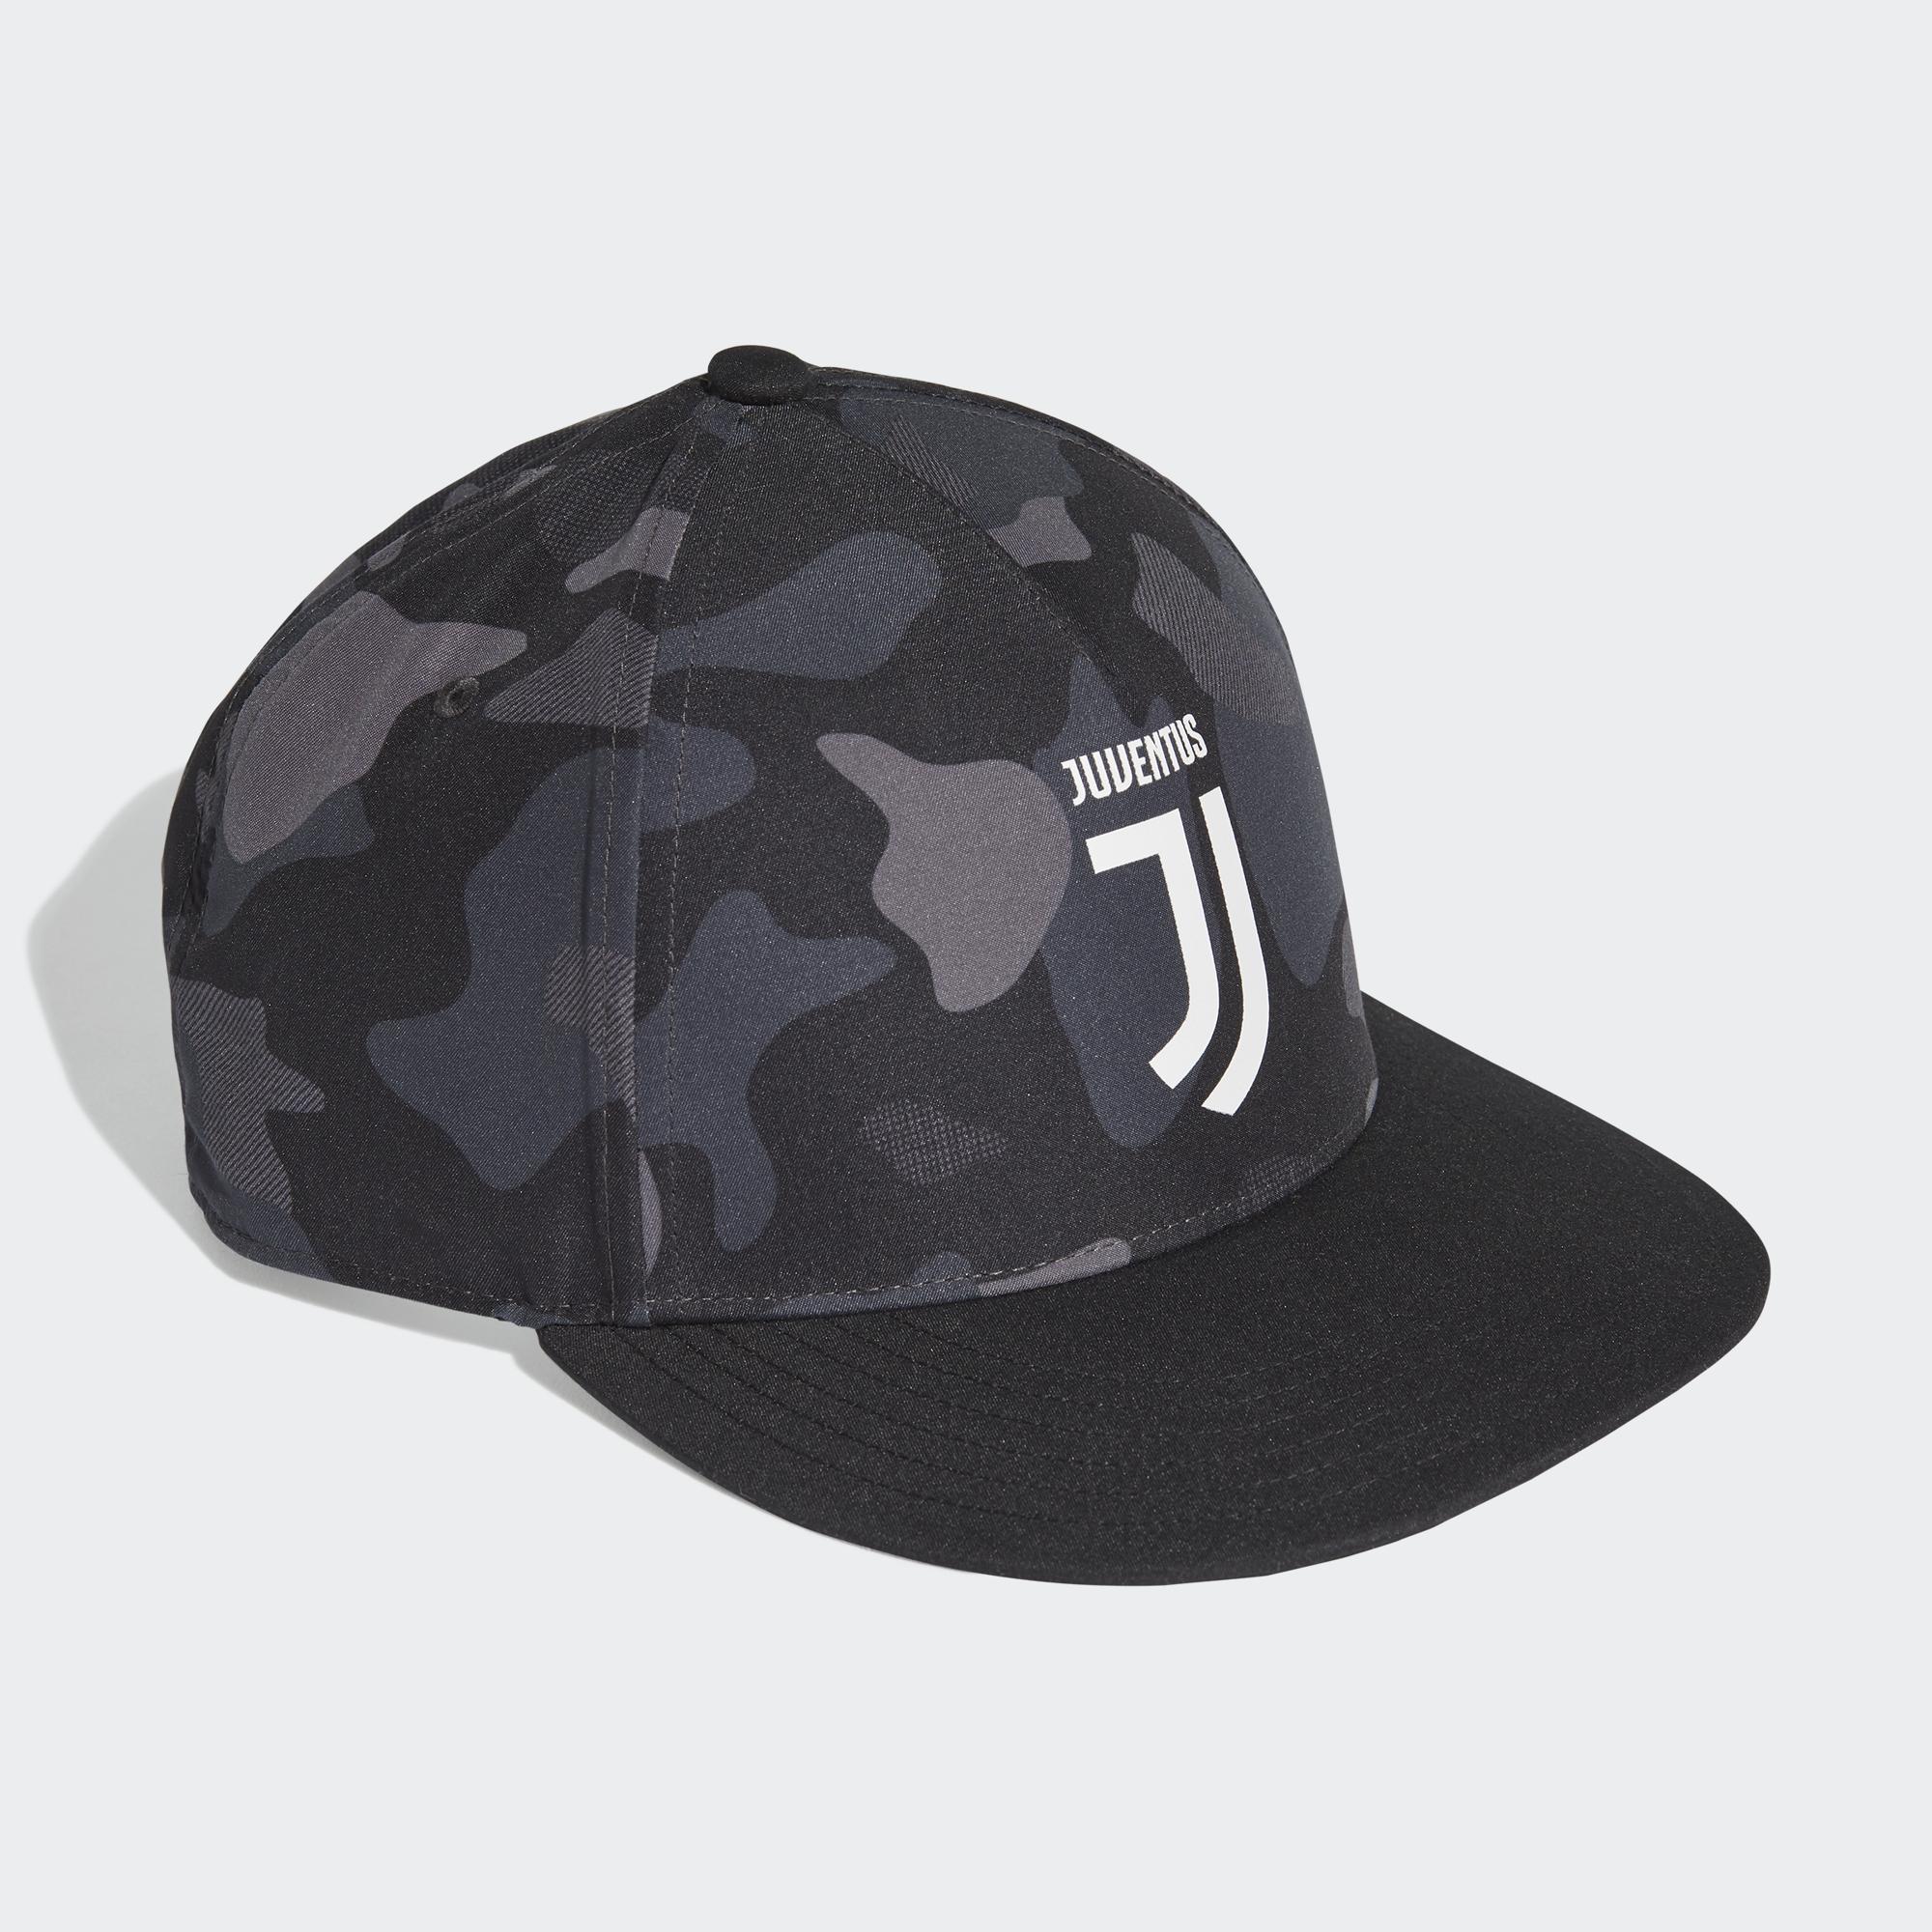 Adidas Cappellino  Juventus